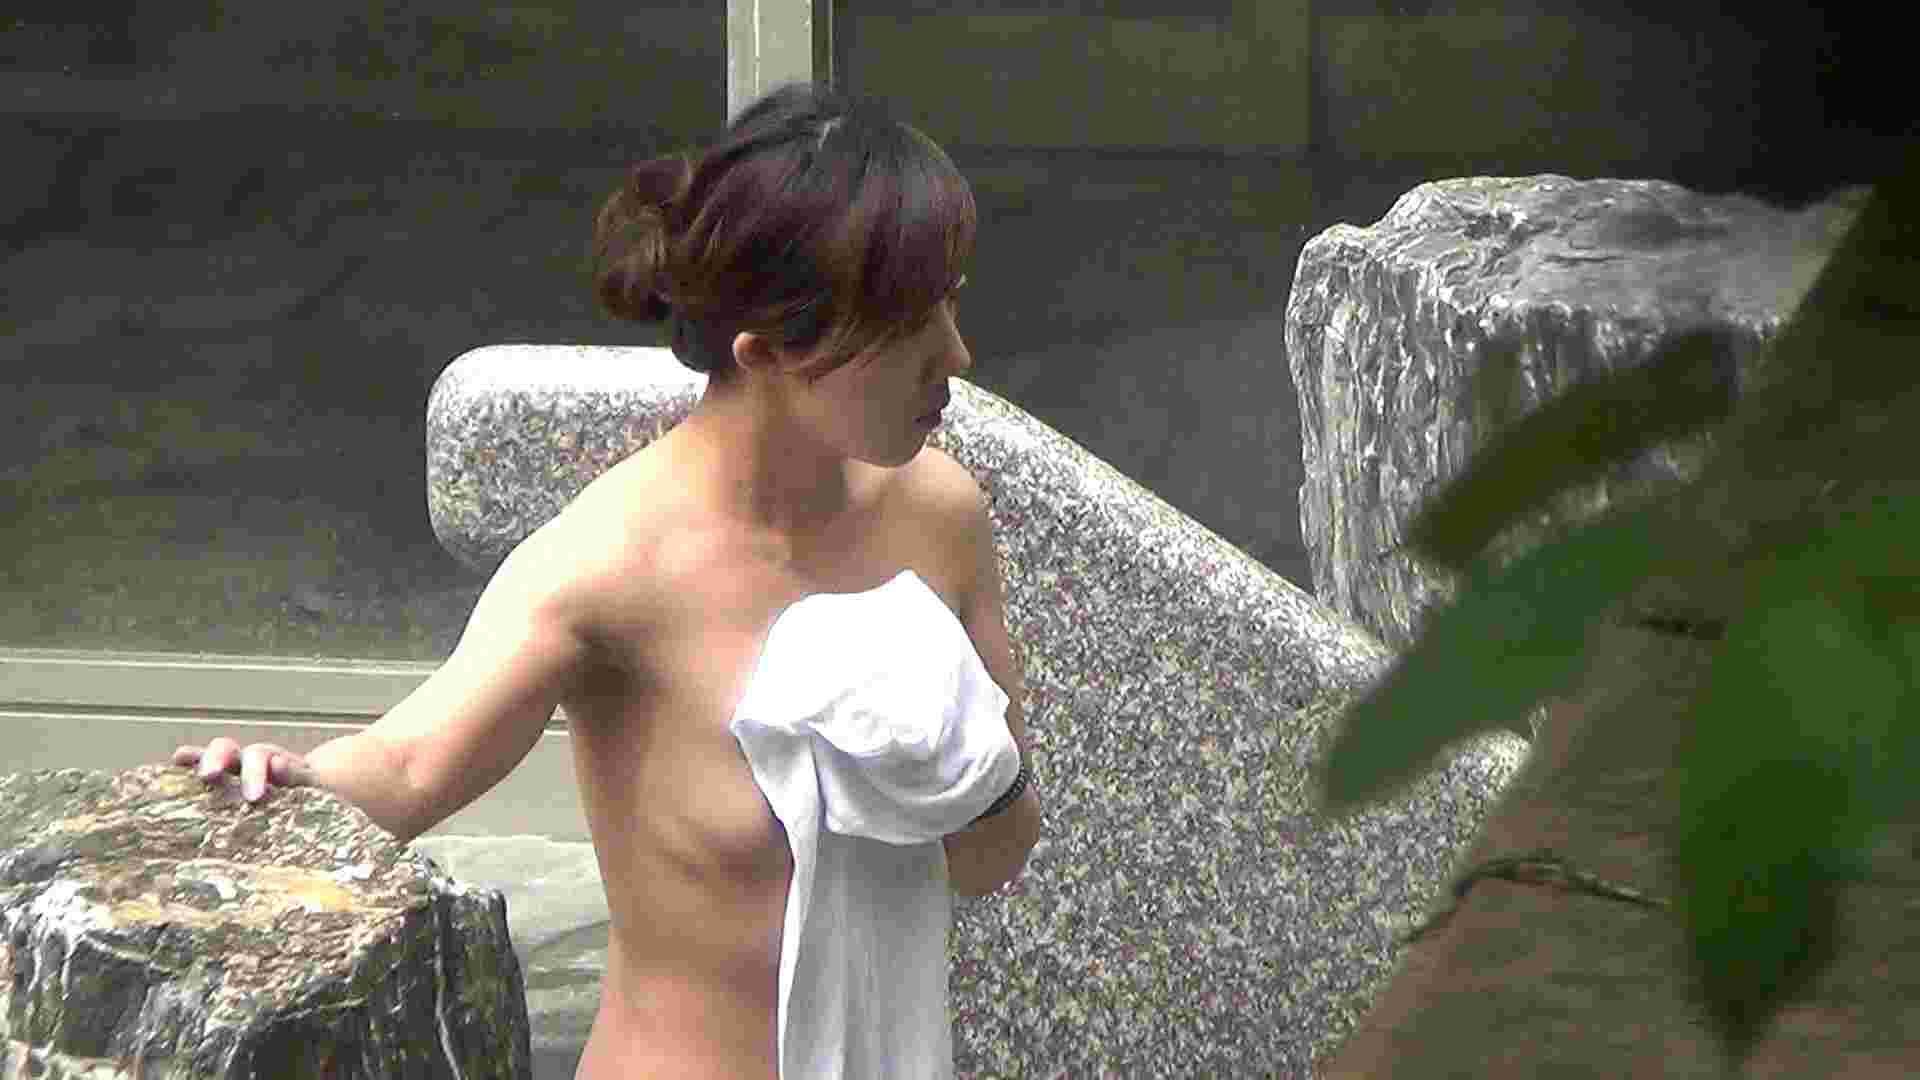 ハイビジョンVol.16 和服が似合いそうな上品さとそそり立つ巨大乳首 乳首くっきり SEX無修正画像 97連発 31